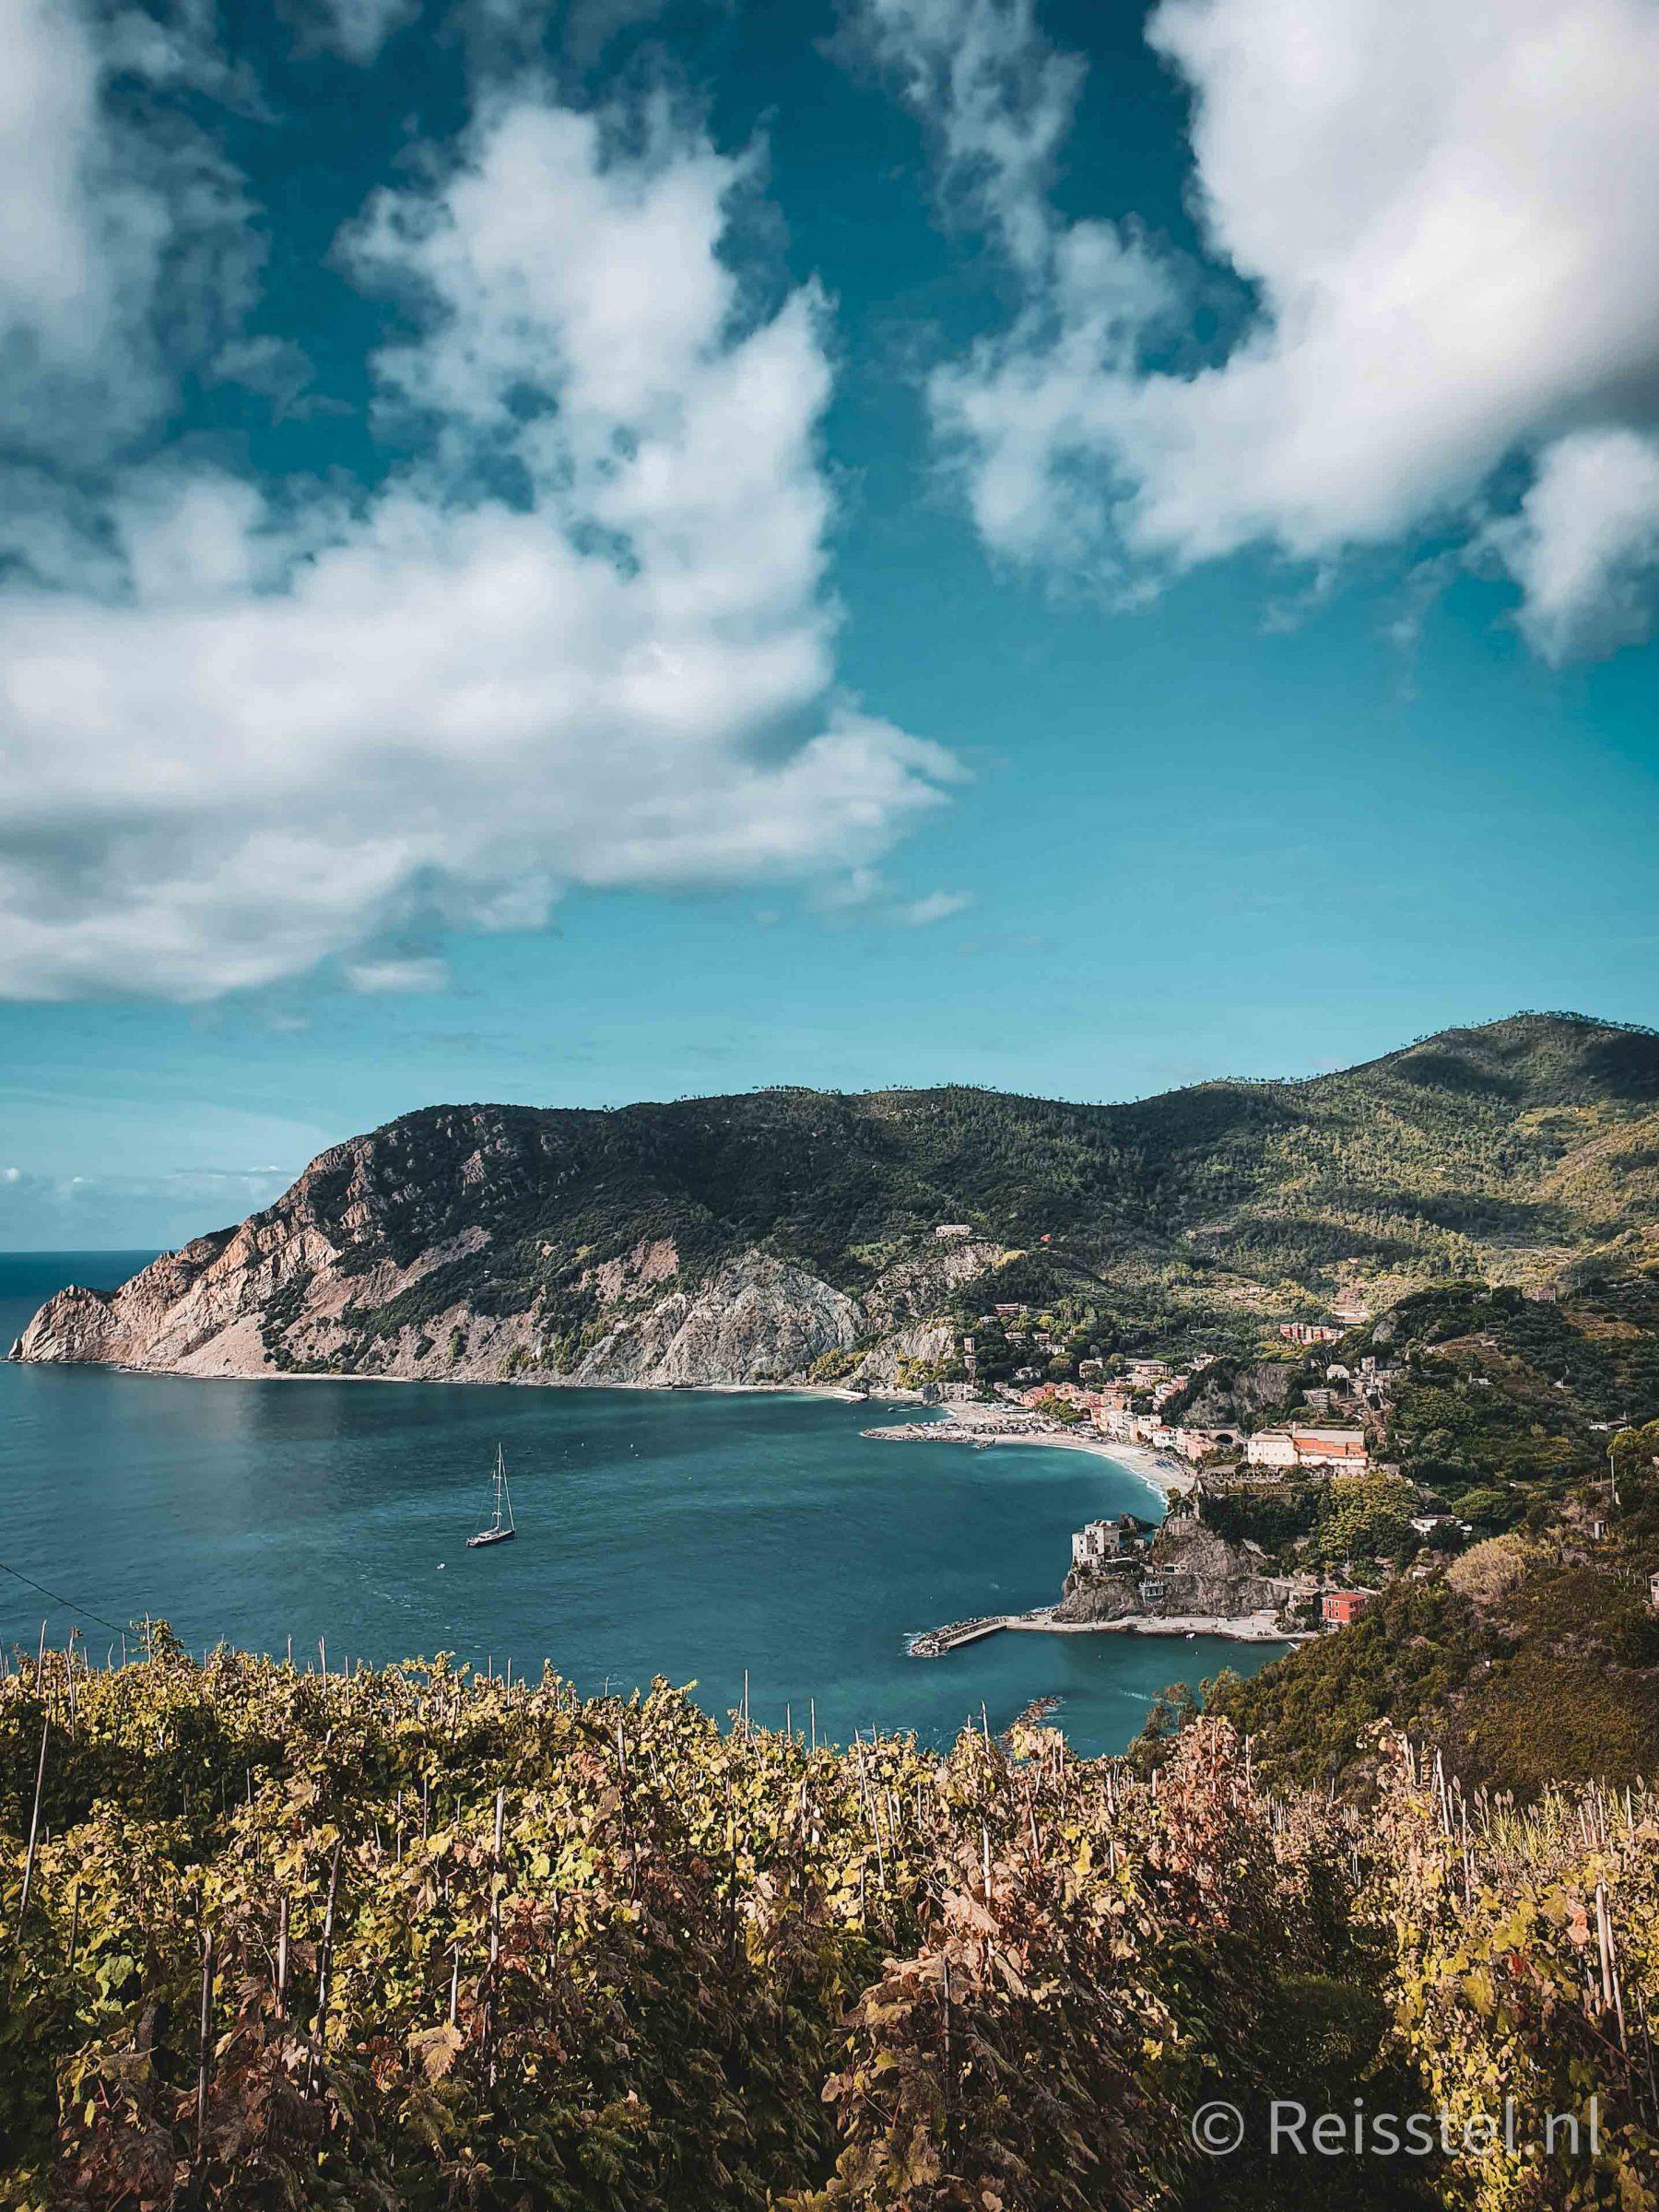 ontdek Cinque Terre | 2 daagse hike | Monterossa al mare